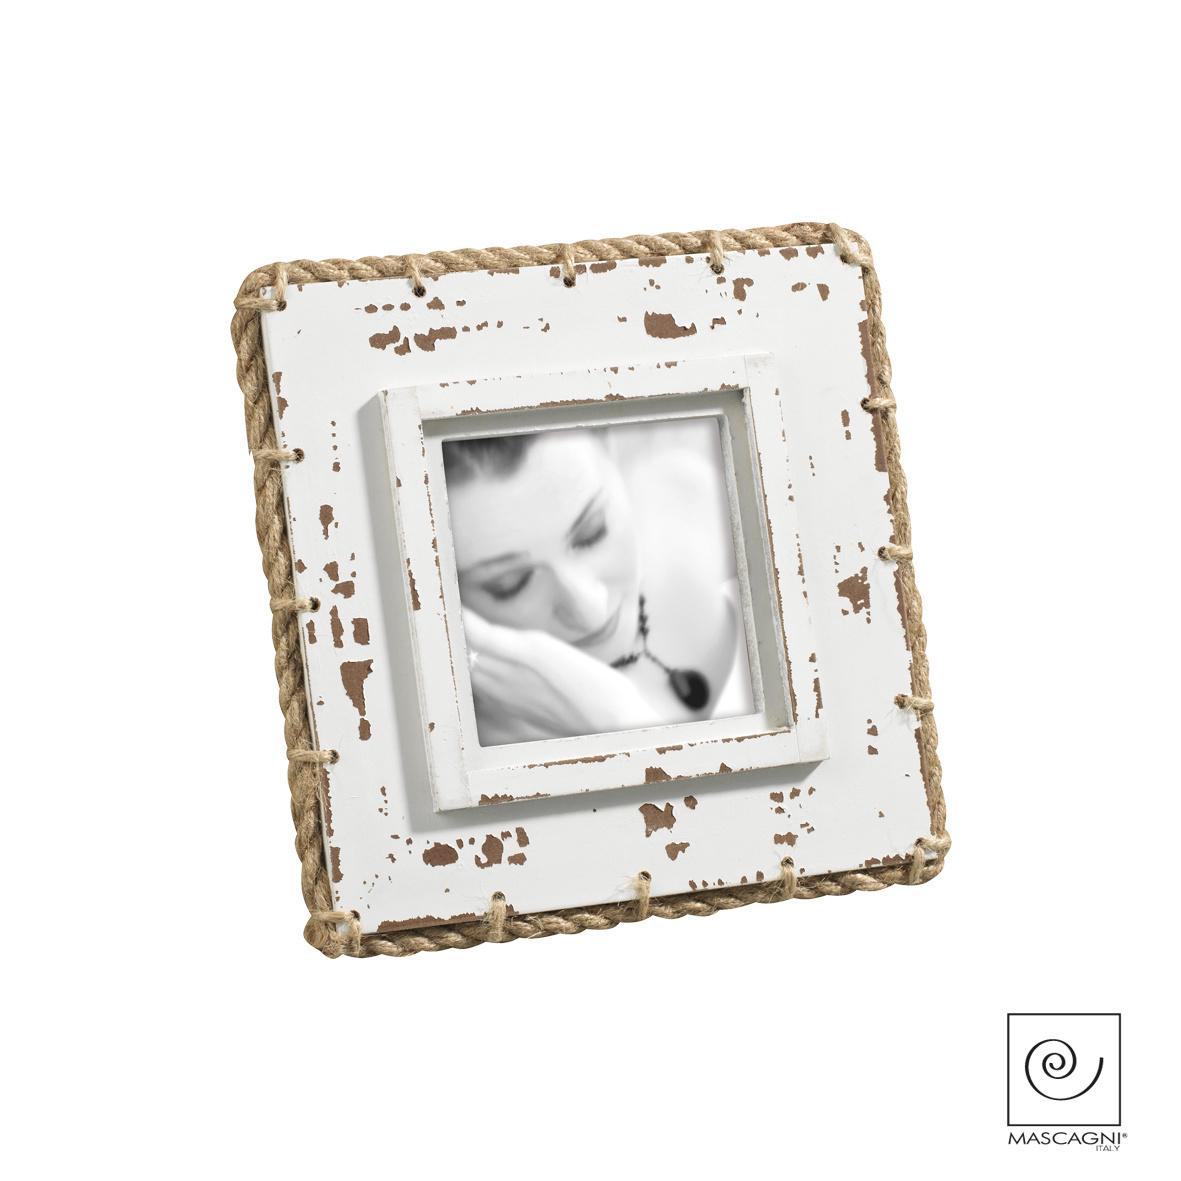 Art Mascagni A762 PHOTO FRAME 13X18 - COL. WHITE